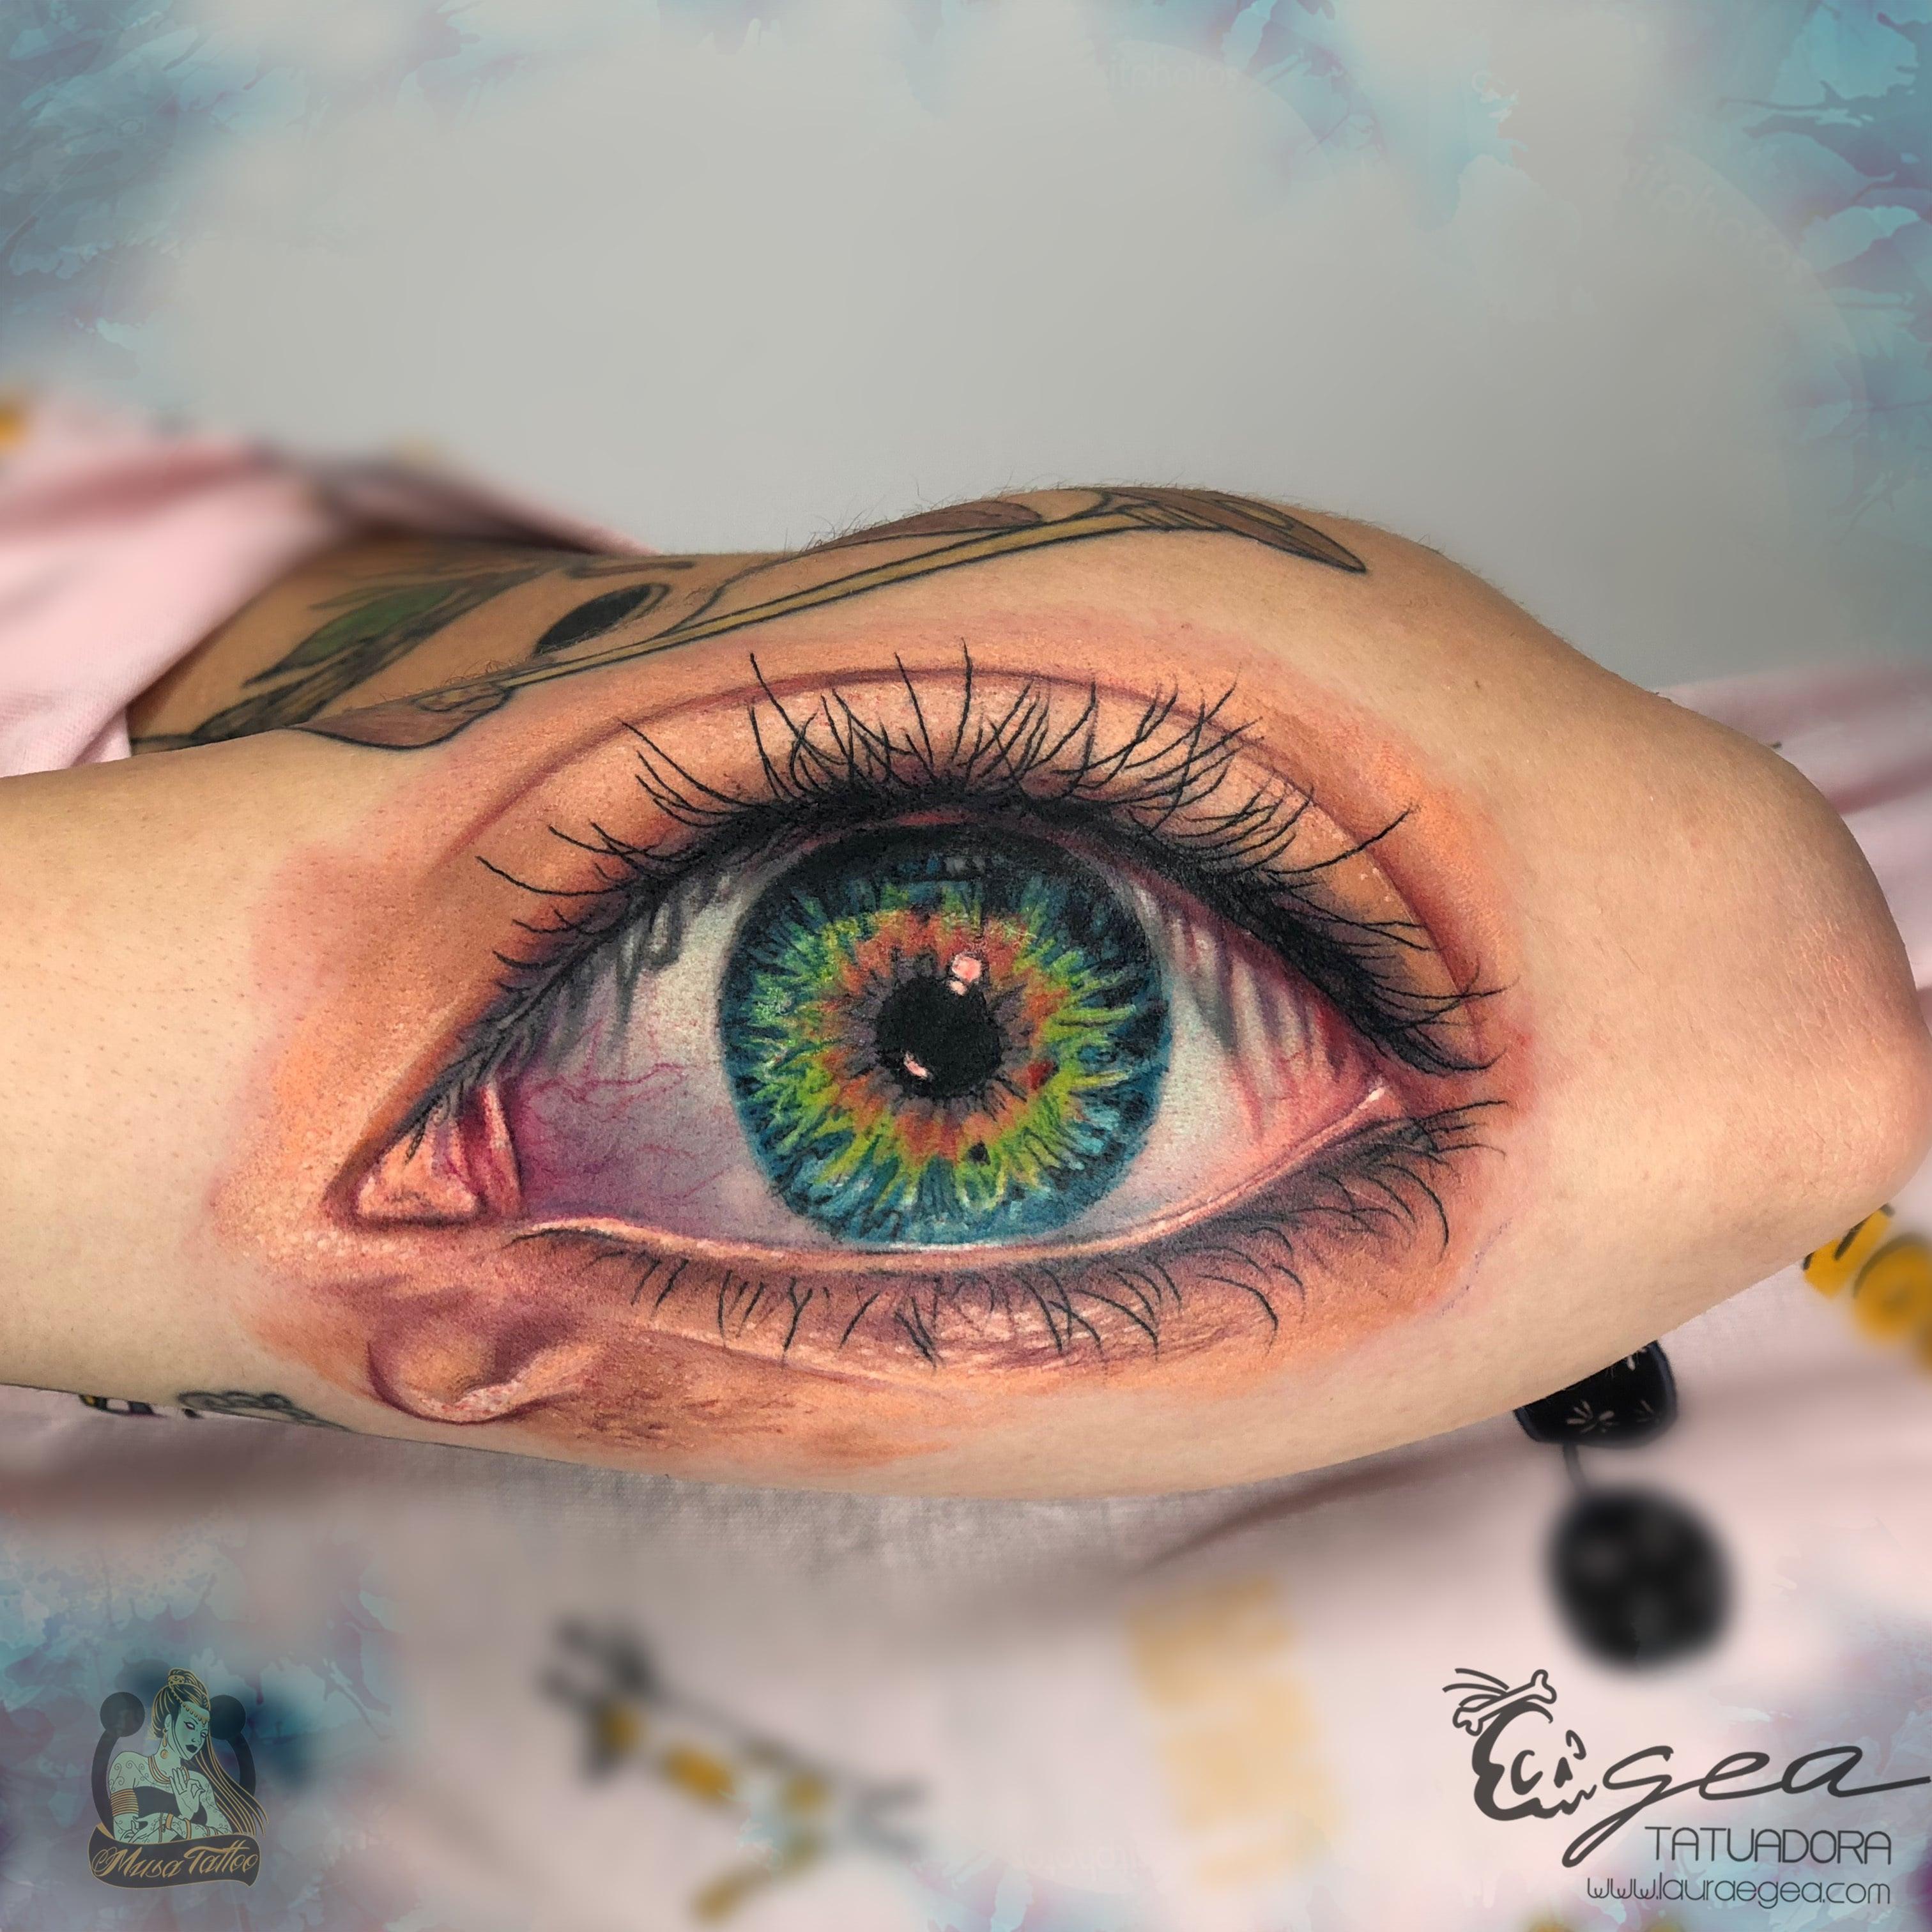 Estudio que combina diseños artísticos y tatuajes personalizados - Laura Egea, especialista en tatuajes en Valencia.